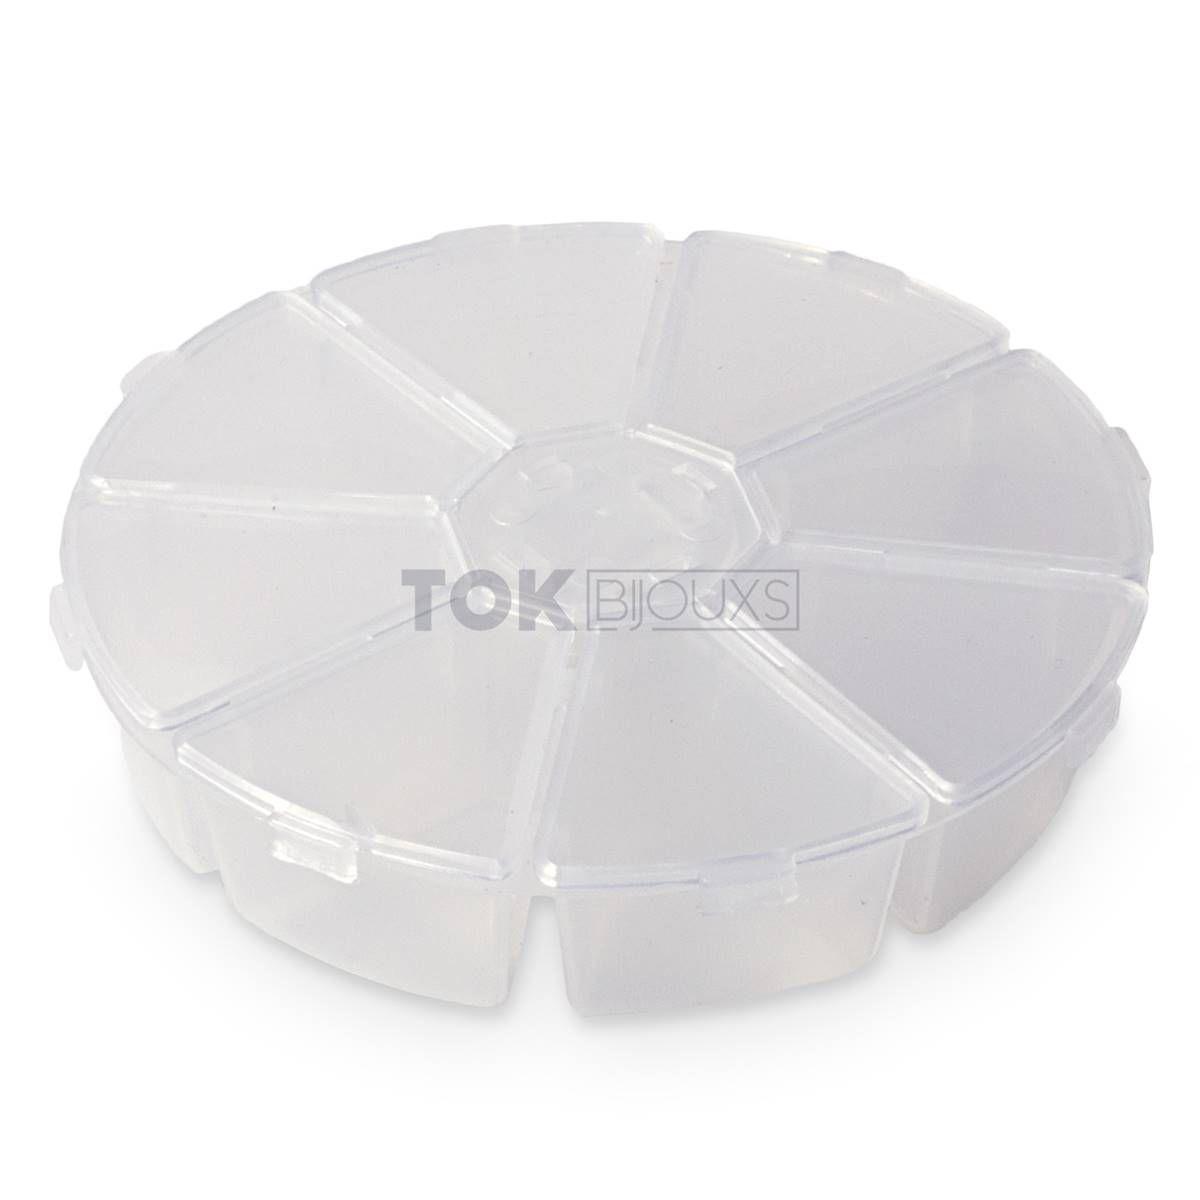 Caixa Organizadora Acrílico Redonda - 8 Divisórias - 12cm - Transp